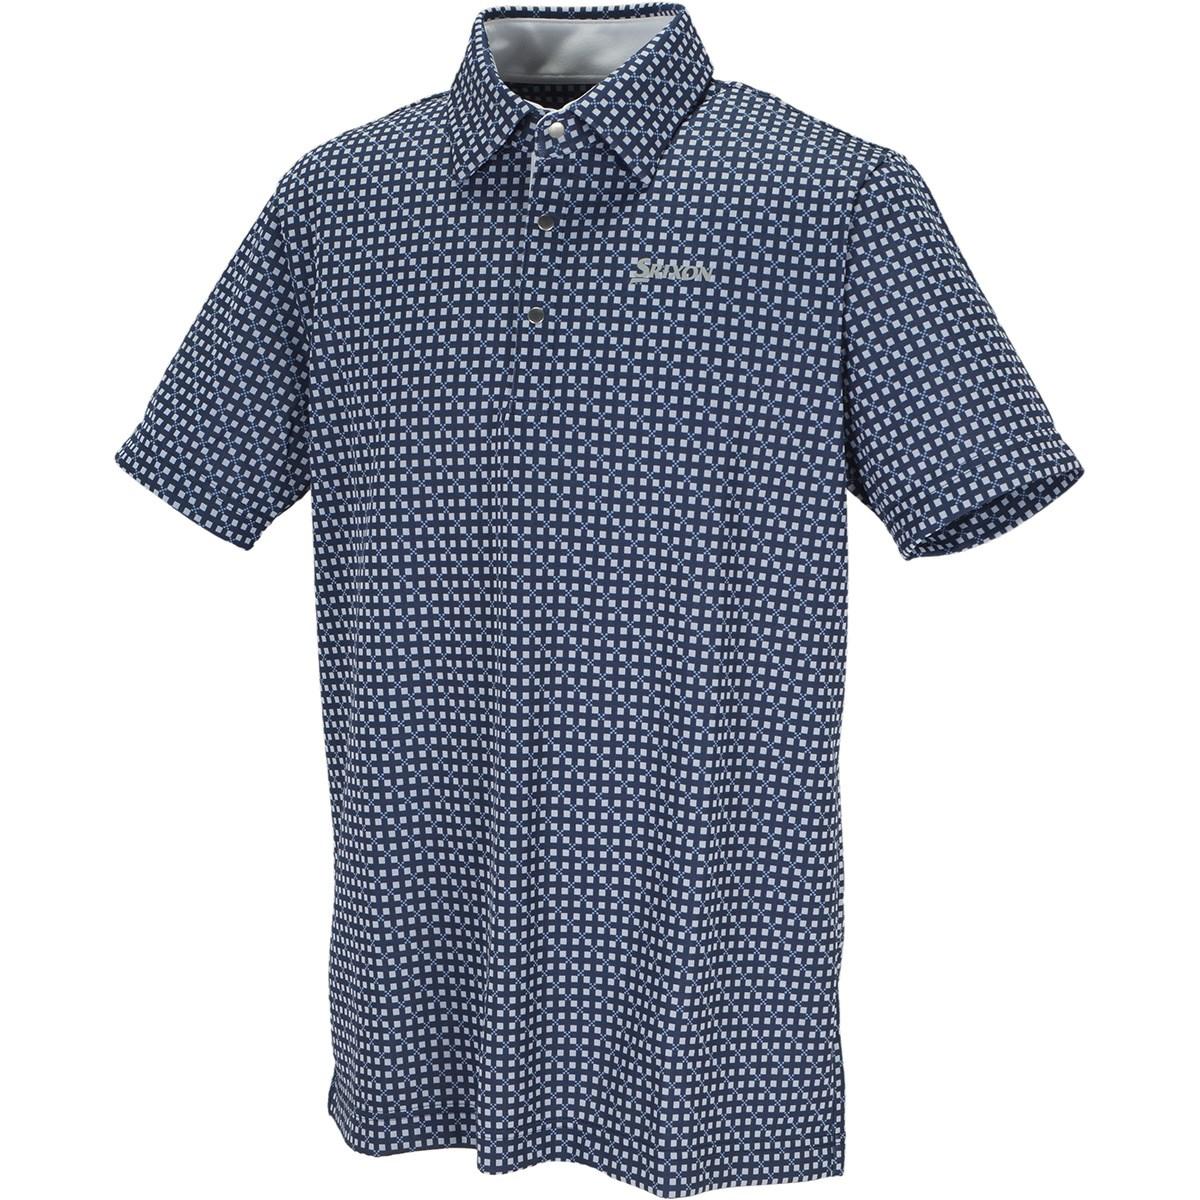 スリクソンゴルフ 針抜きジャカード半袖ポロシャツ